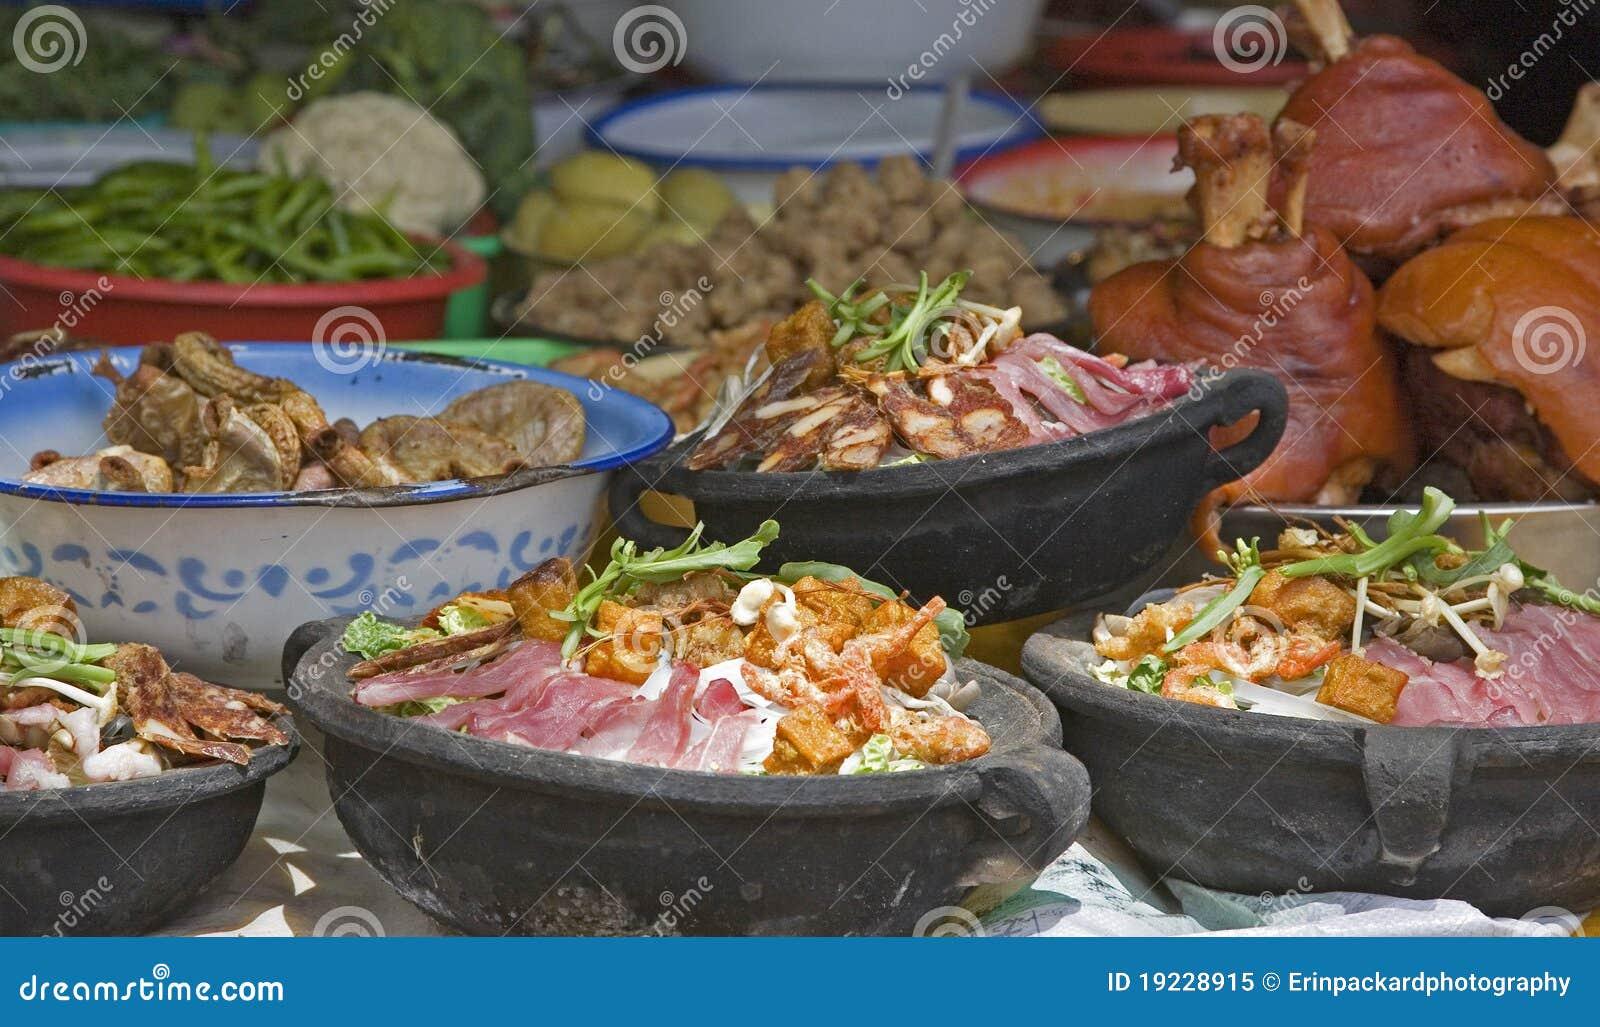 Piatti cinesi esotici del pot di argilla immagine stock for Piatti da mangiare